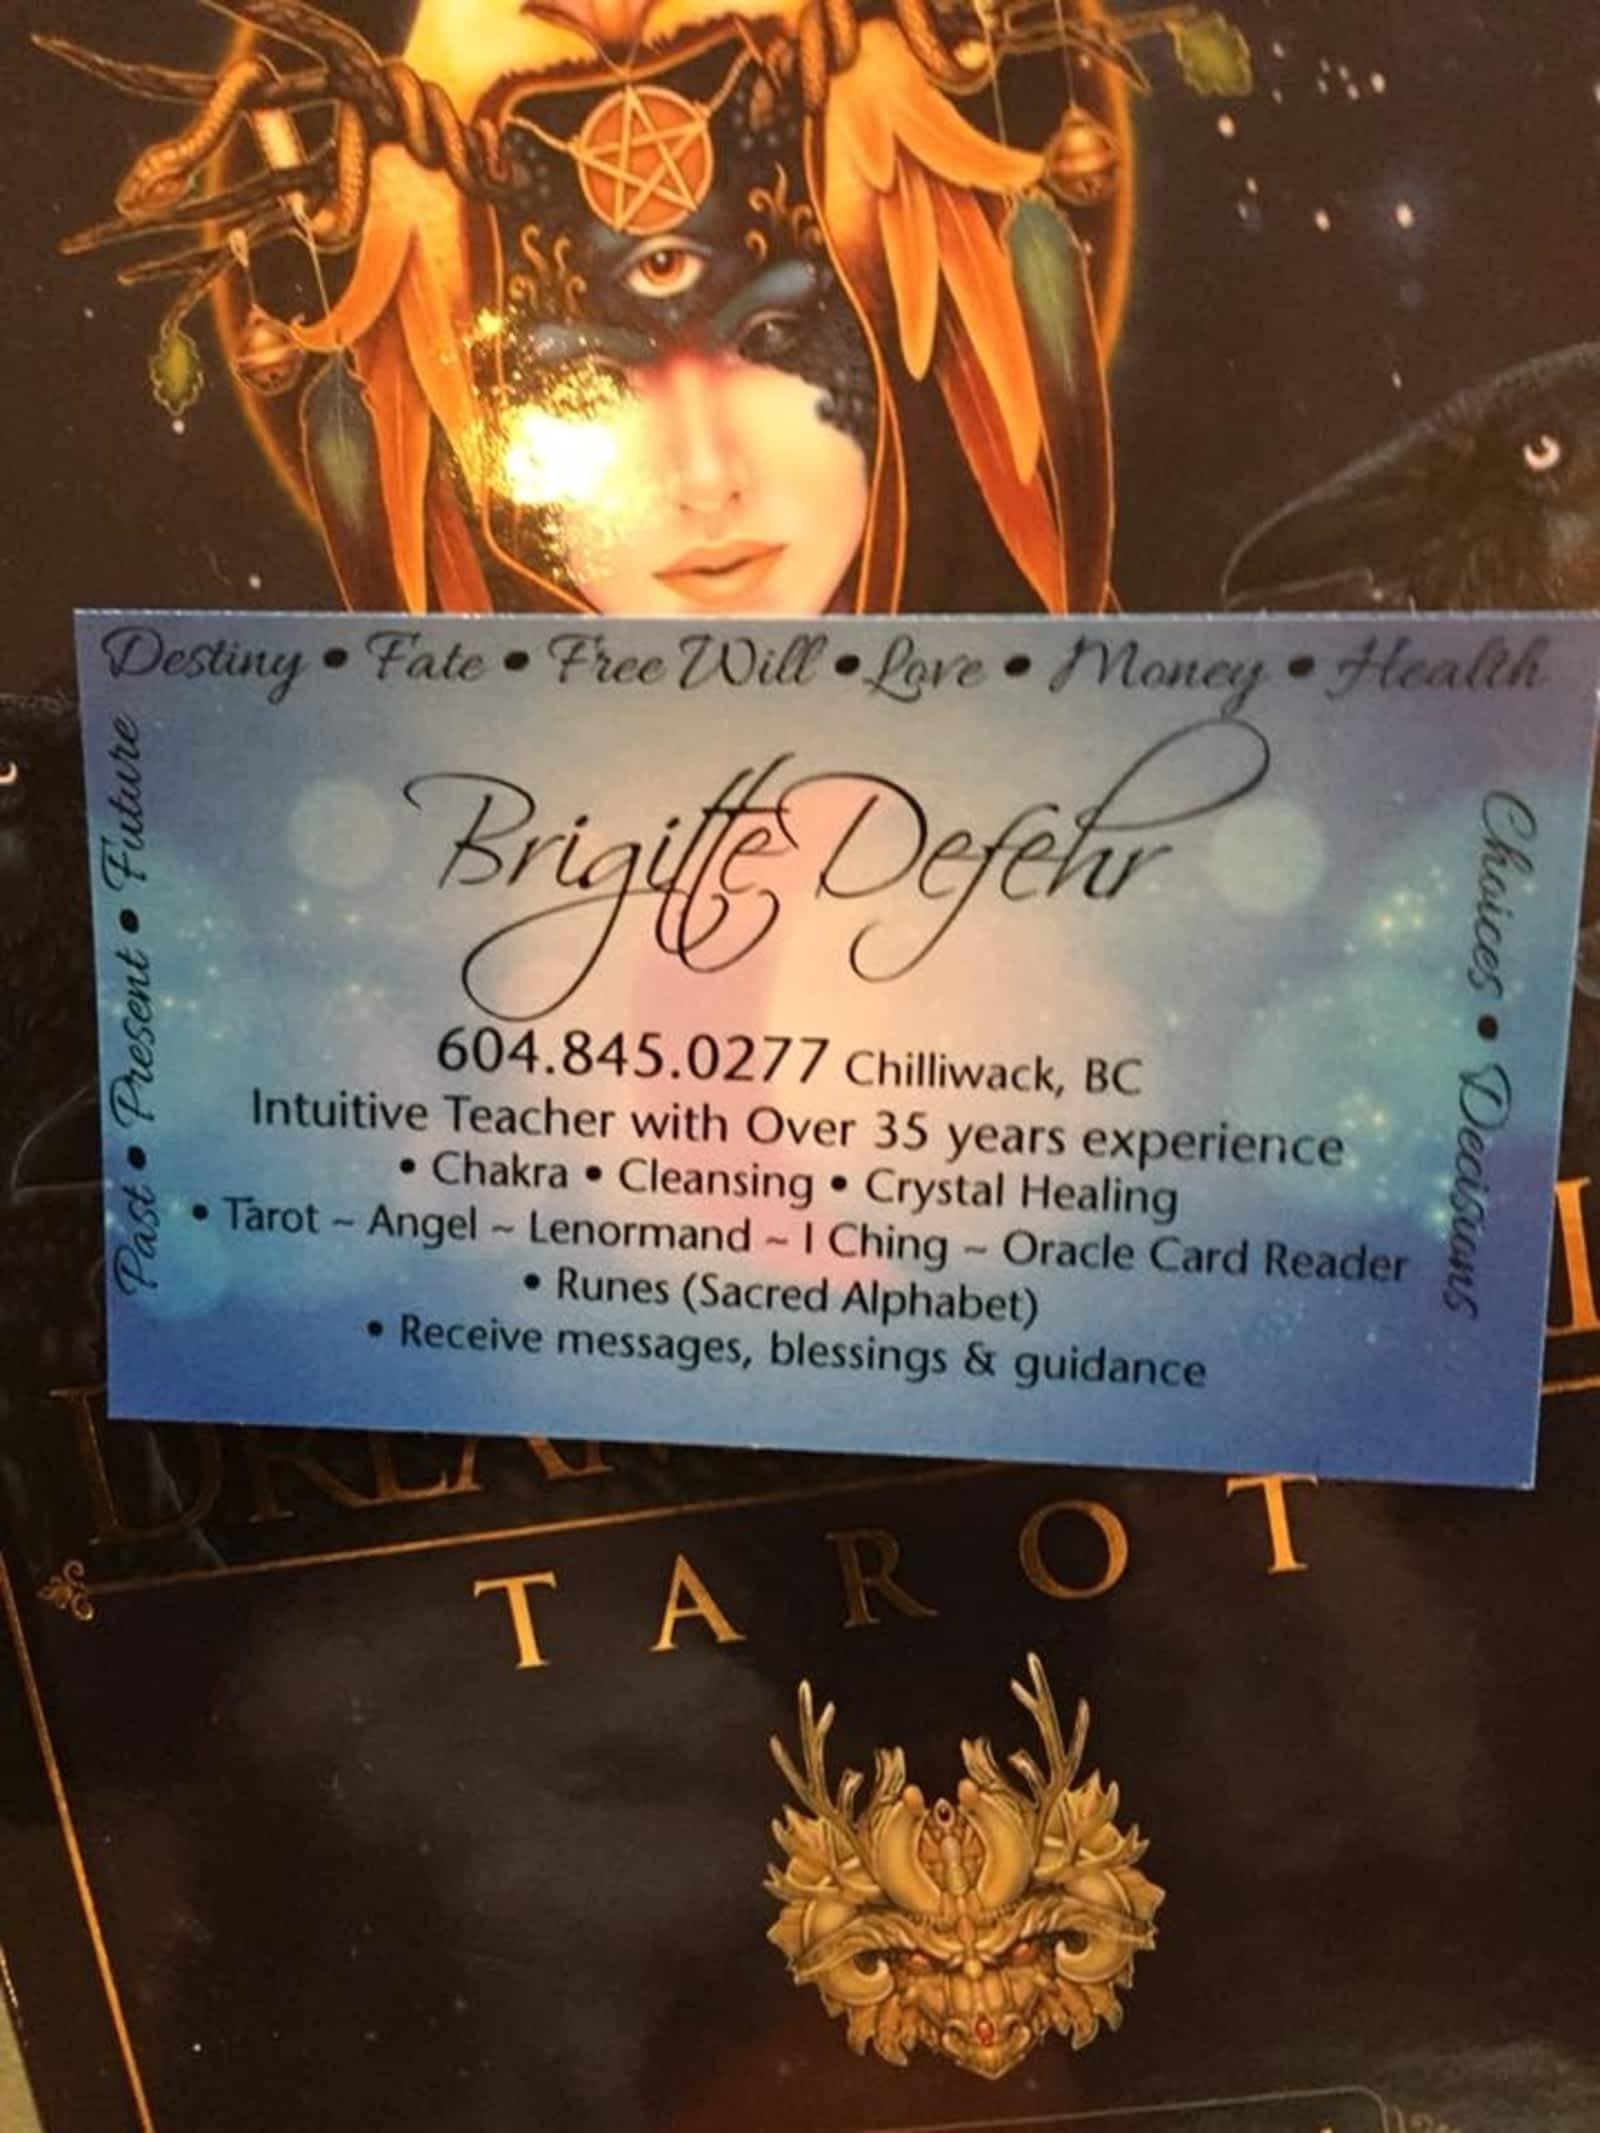 Brigitte Defehr - Tarot Oracle Angel Card Reader - Opening